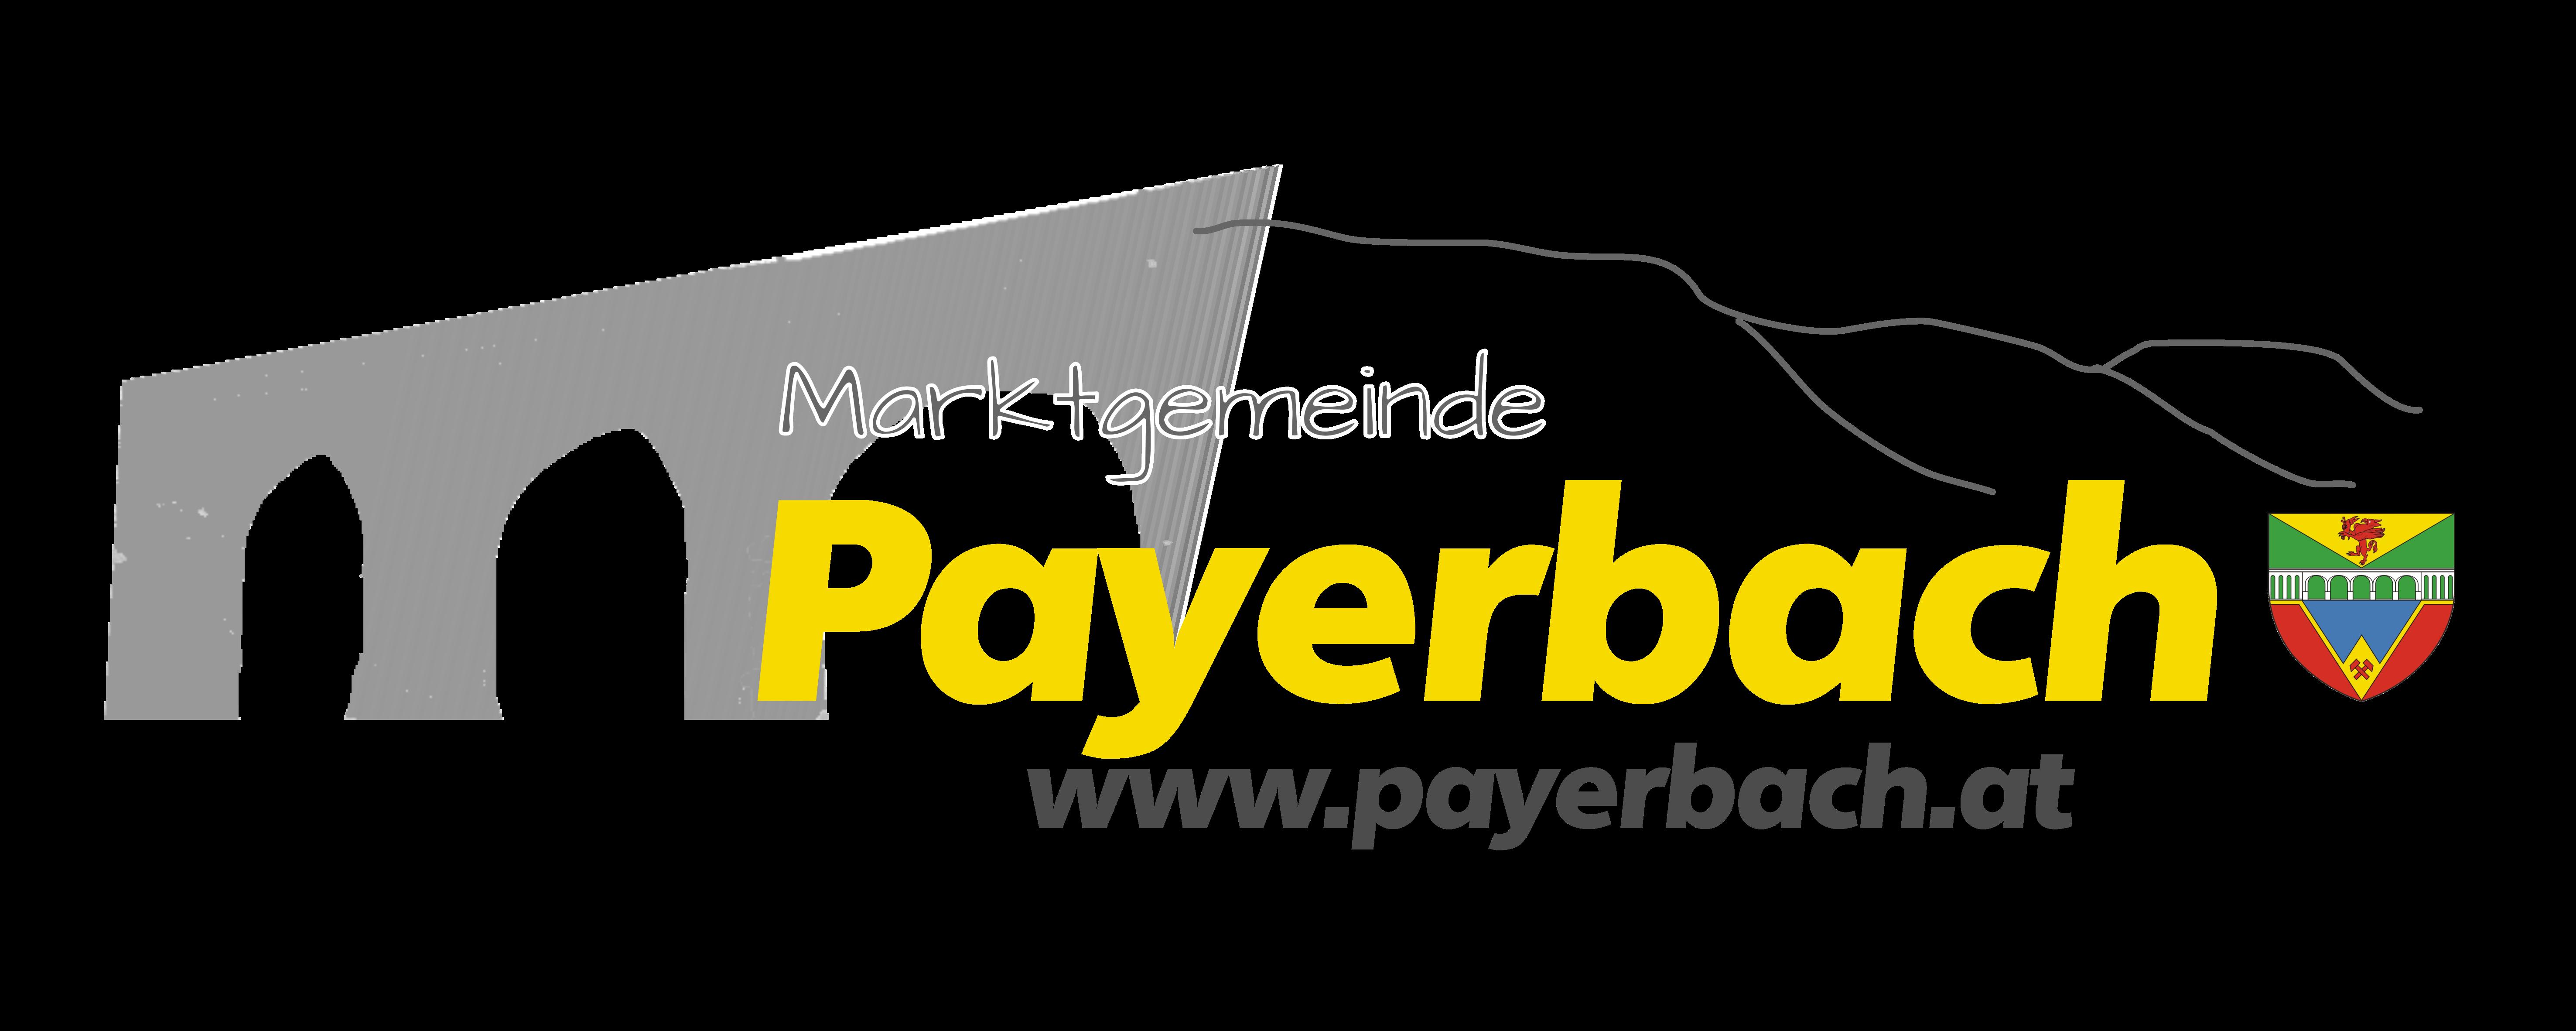 Marktgemeinde Payerbach